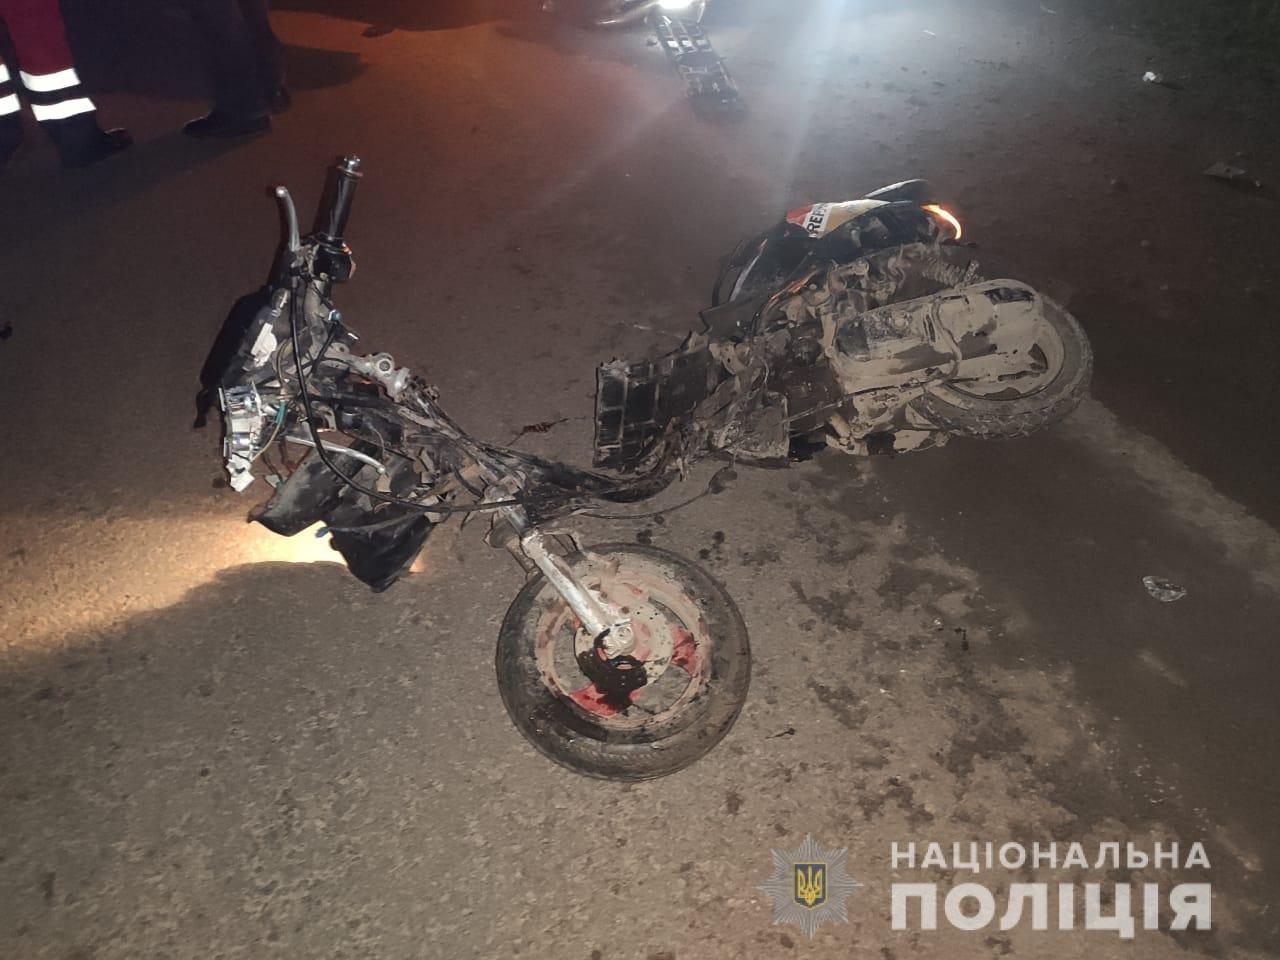 В ДТП на трассе Одесса-Рени погиб 28-летний мопедист, - ФОТО, фото-1